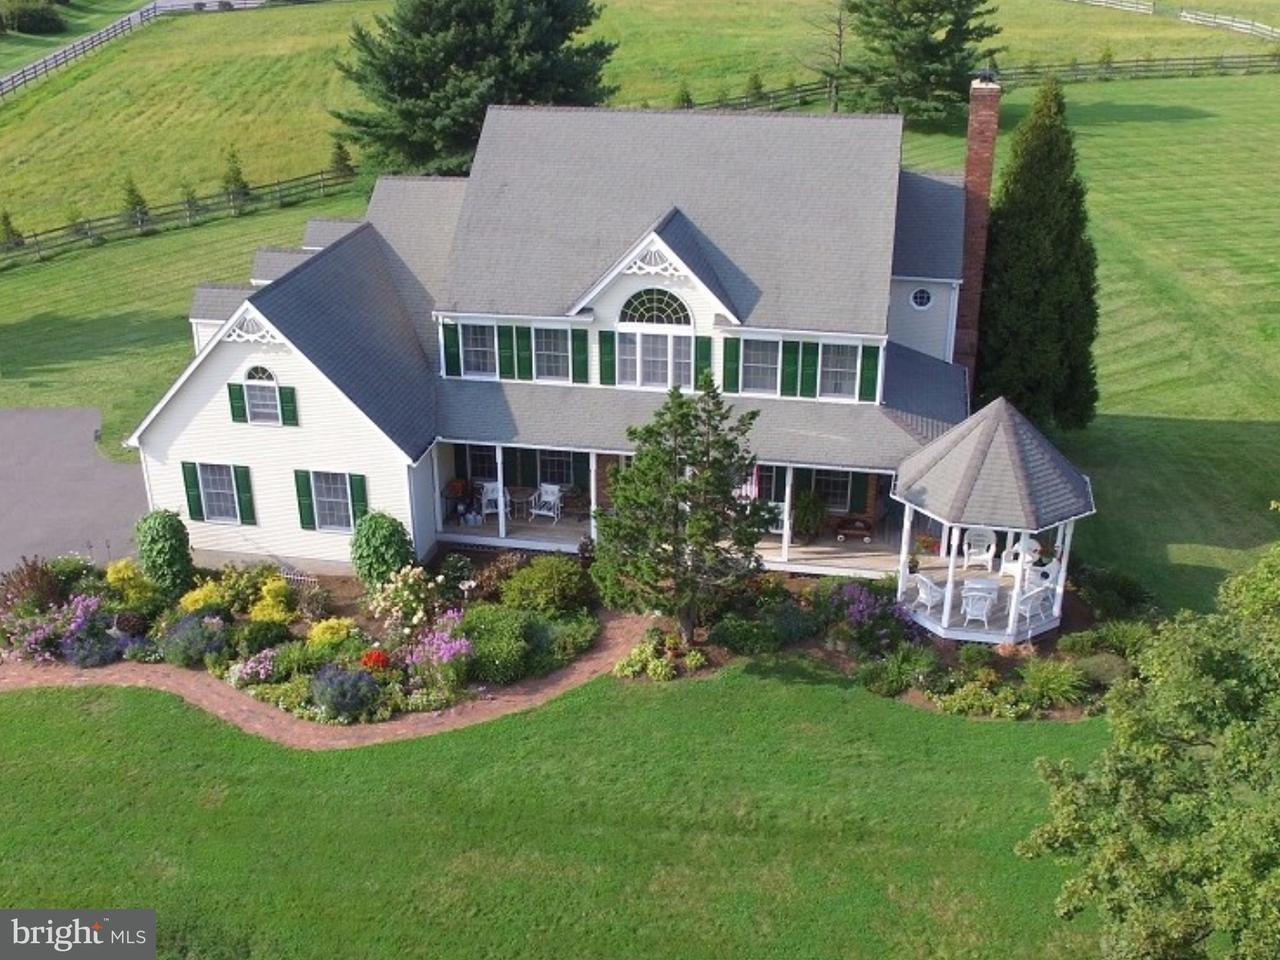 Casa Unifamiliar por un Venta en 113 BACK BROOK Road Ringoes, Nueva Jersey 08551 Estados UnidosEn/Alrededor: East Amwell Township